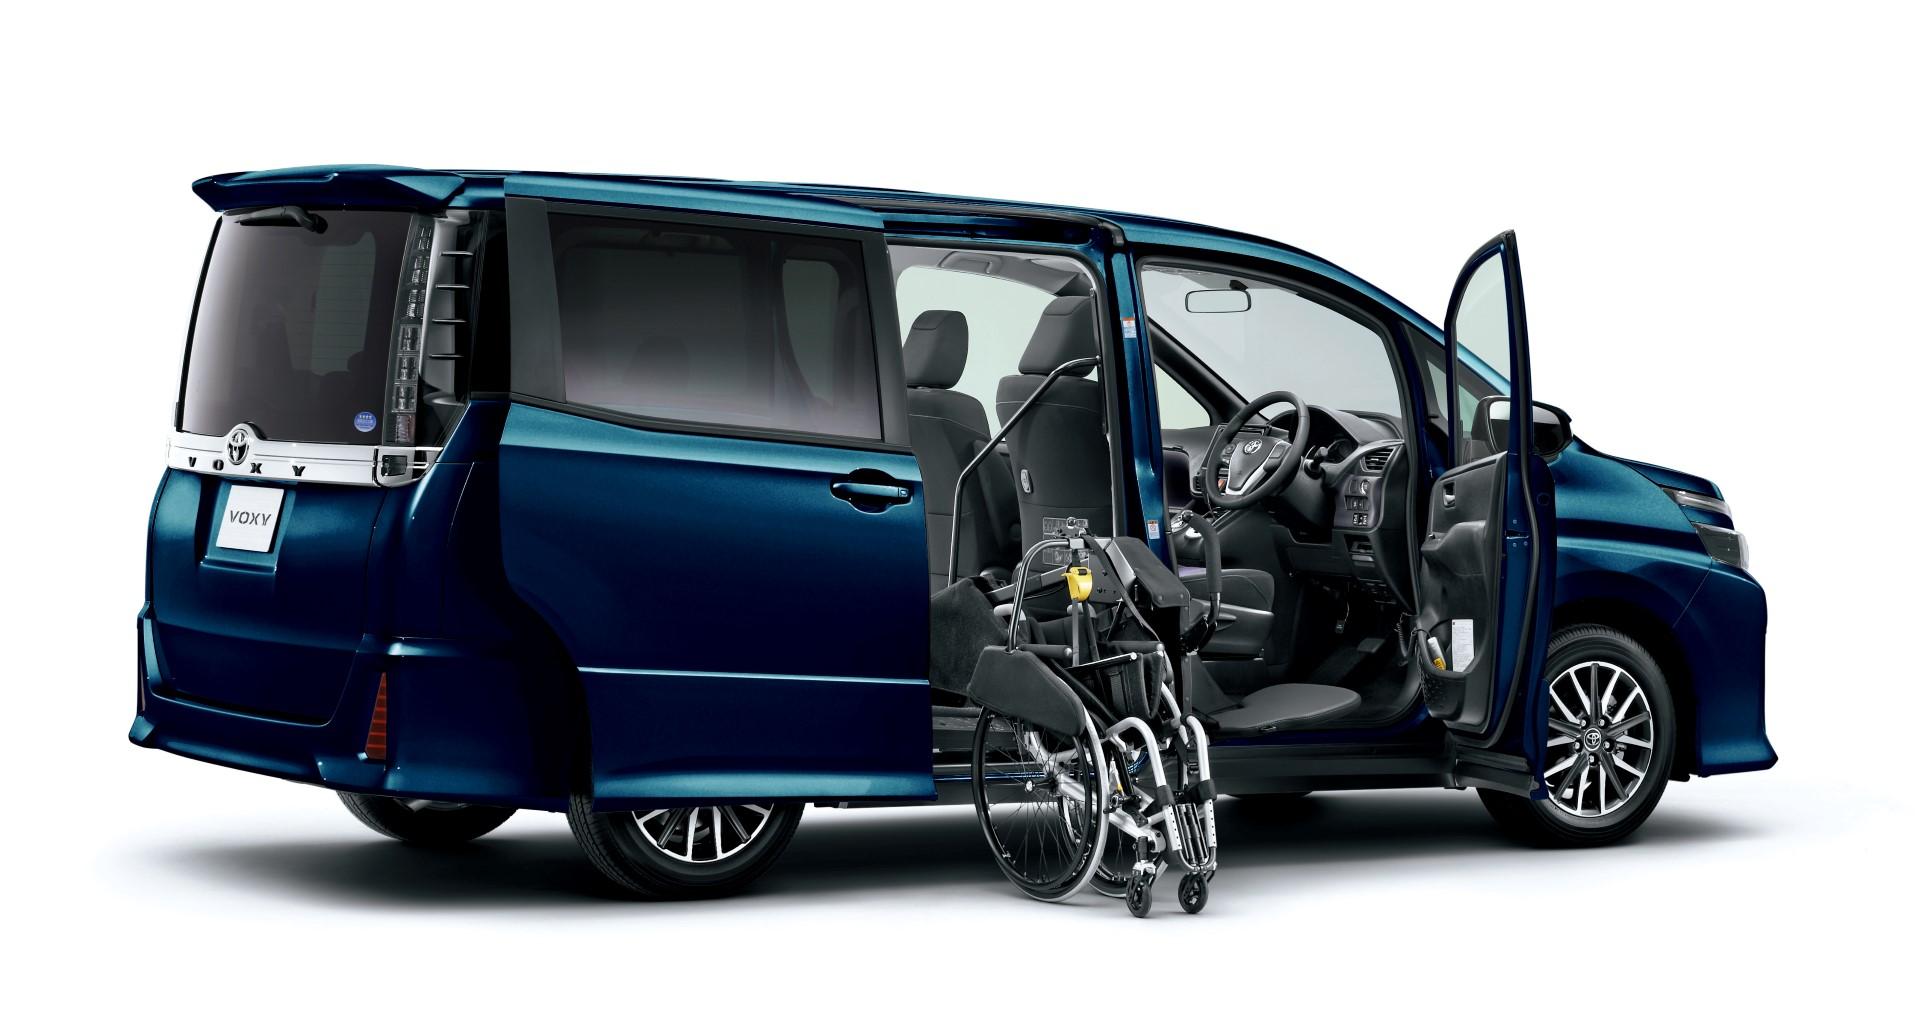 Elegant Auto Sales >> Toyota Voxy Specs and Prices [Video][Photo] - autoevolution